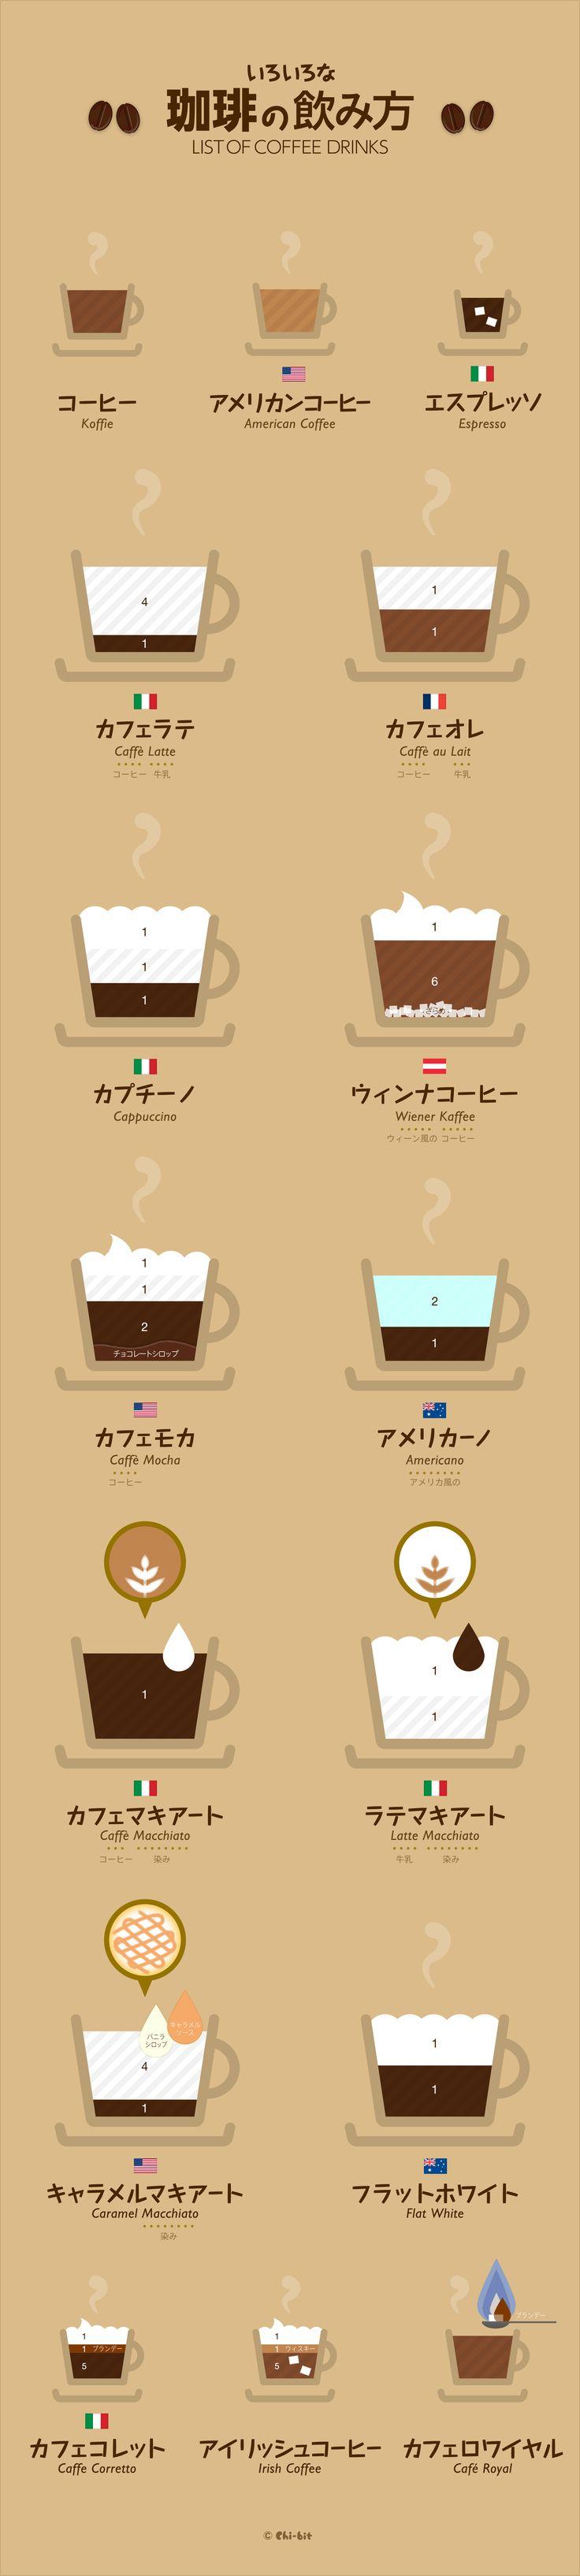 カフェ・ラテ と カフェ・オ・レ の違い 「カフェ・ラテとカフェ・オ・レってどう…